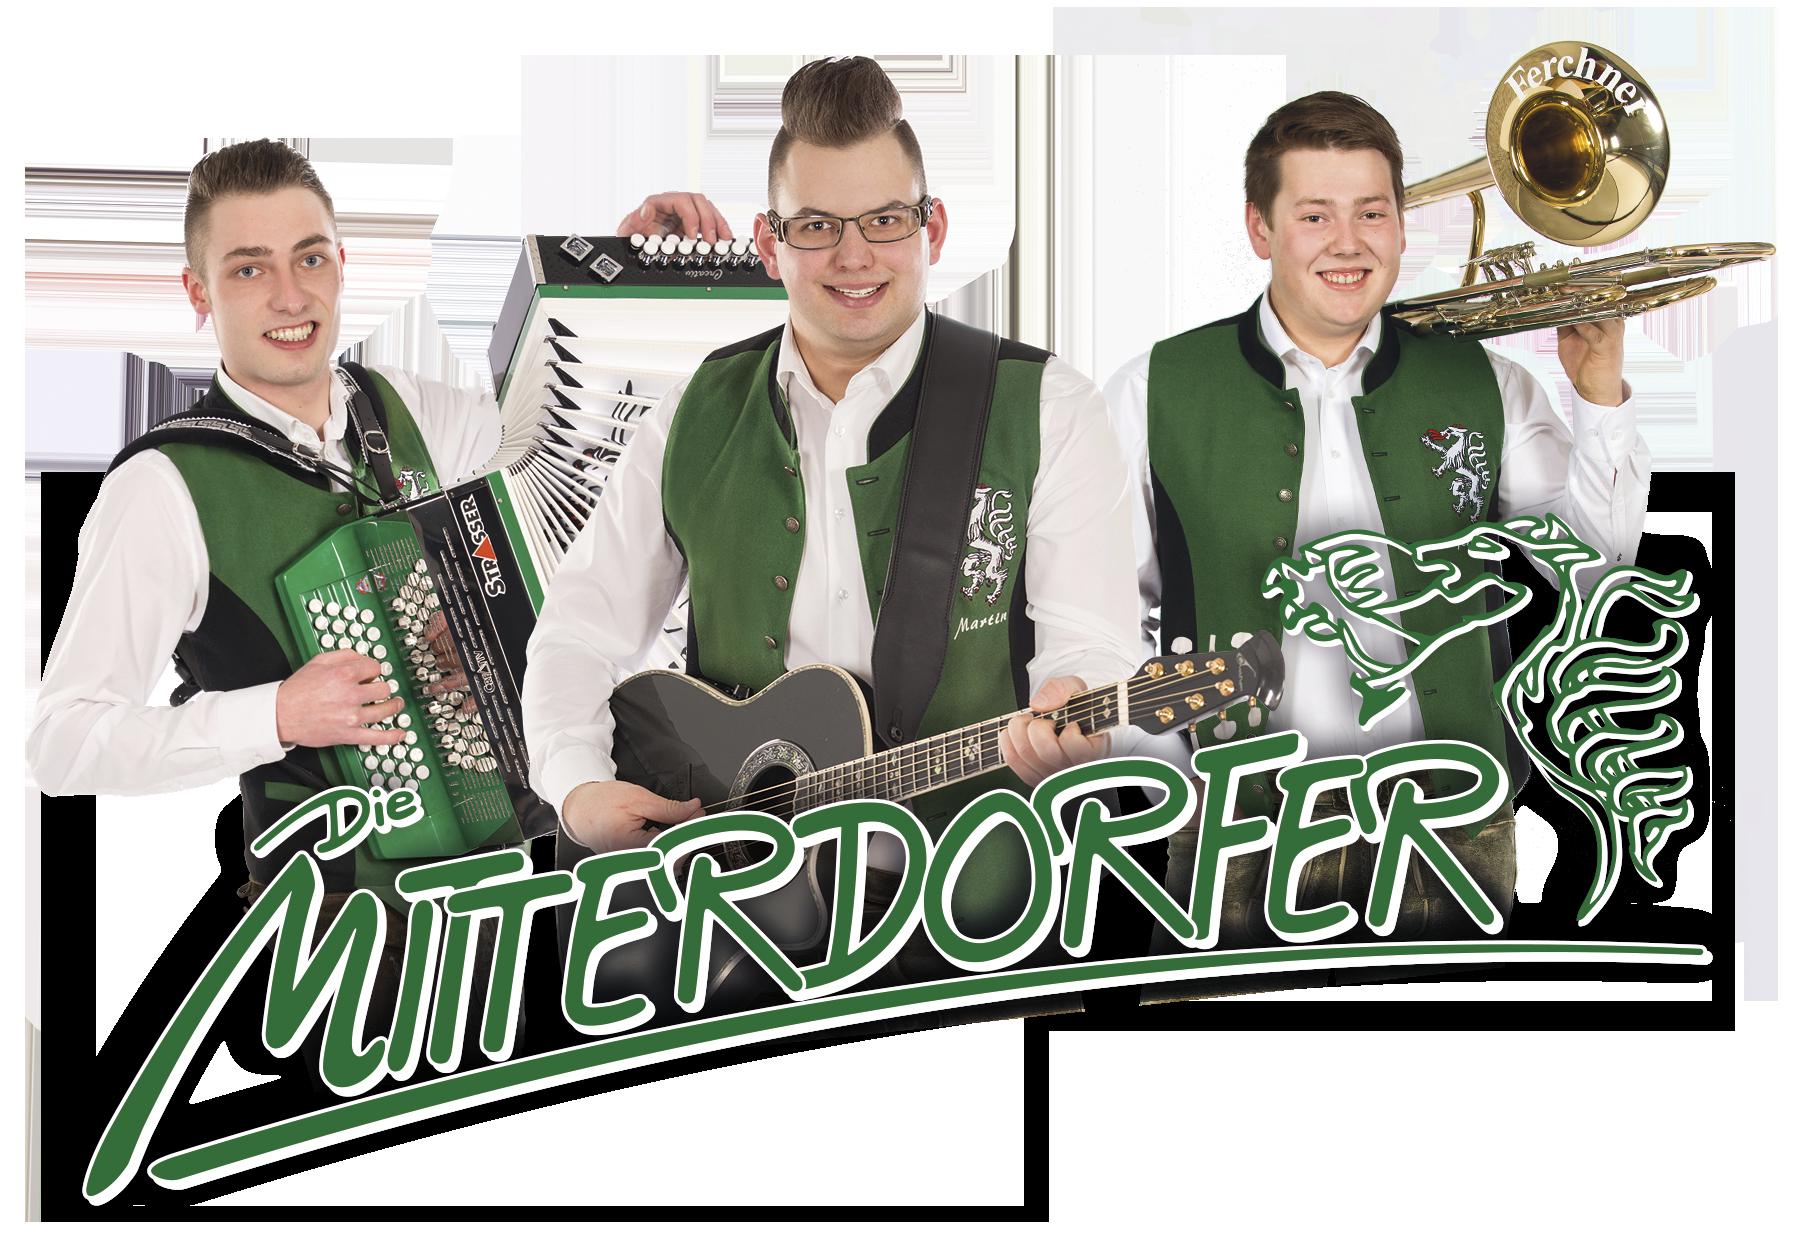 postkarte_mitterdorfer_vorne_2018_november_v3_schrift